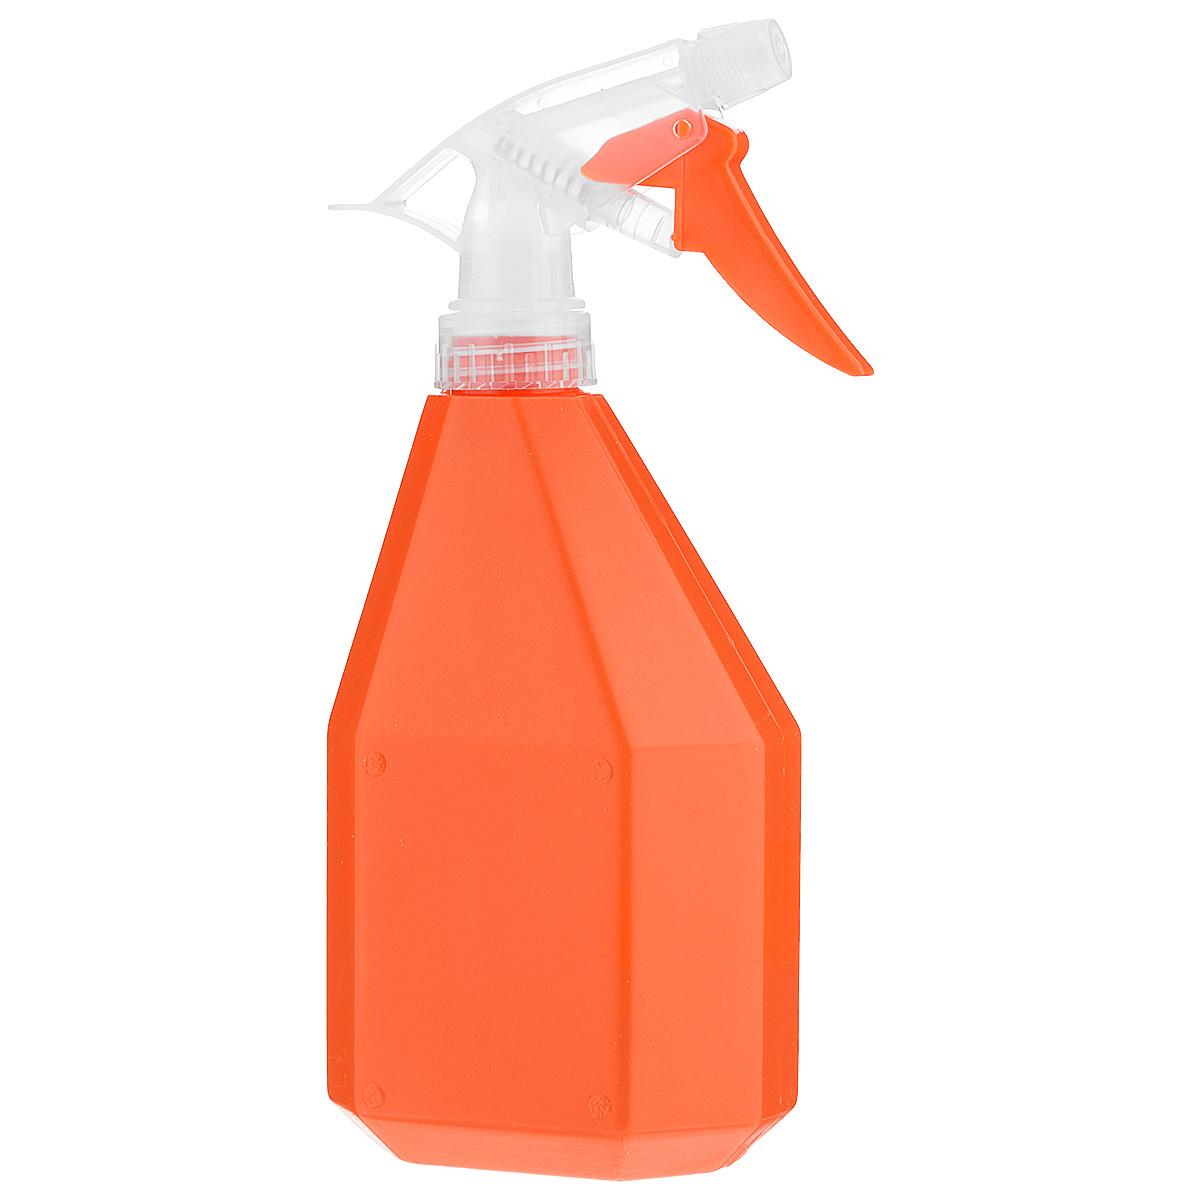 Опрыскиватель Idea Конус, цвет: оранжевый, 0,5 лМ 2143Опрыскиватель Idea Конус оснащен специальной насадкой. Изготовлен из полипропилена и всегда поможет вам в уходе за вашими любимыми растениями.Объем: 0,5 л.Высота: 22,5 см.